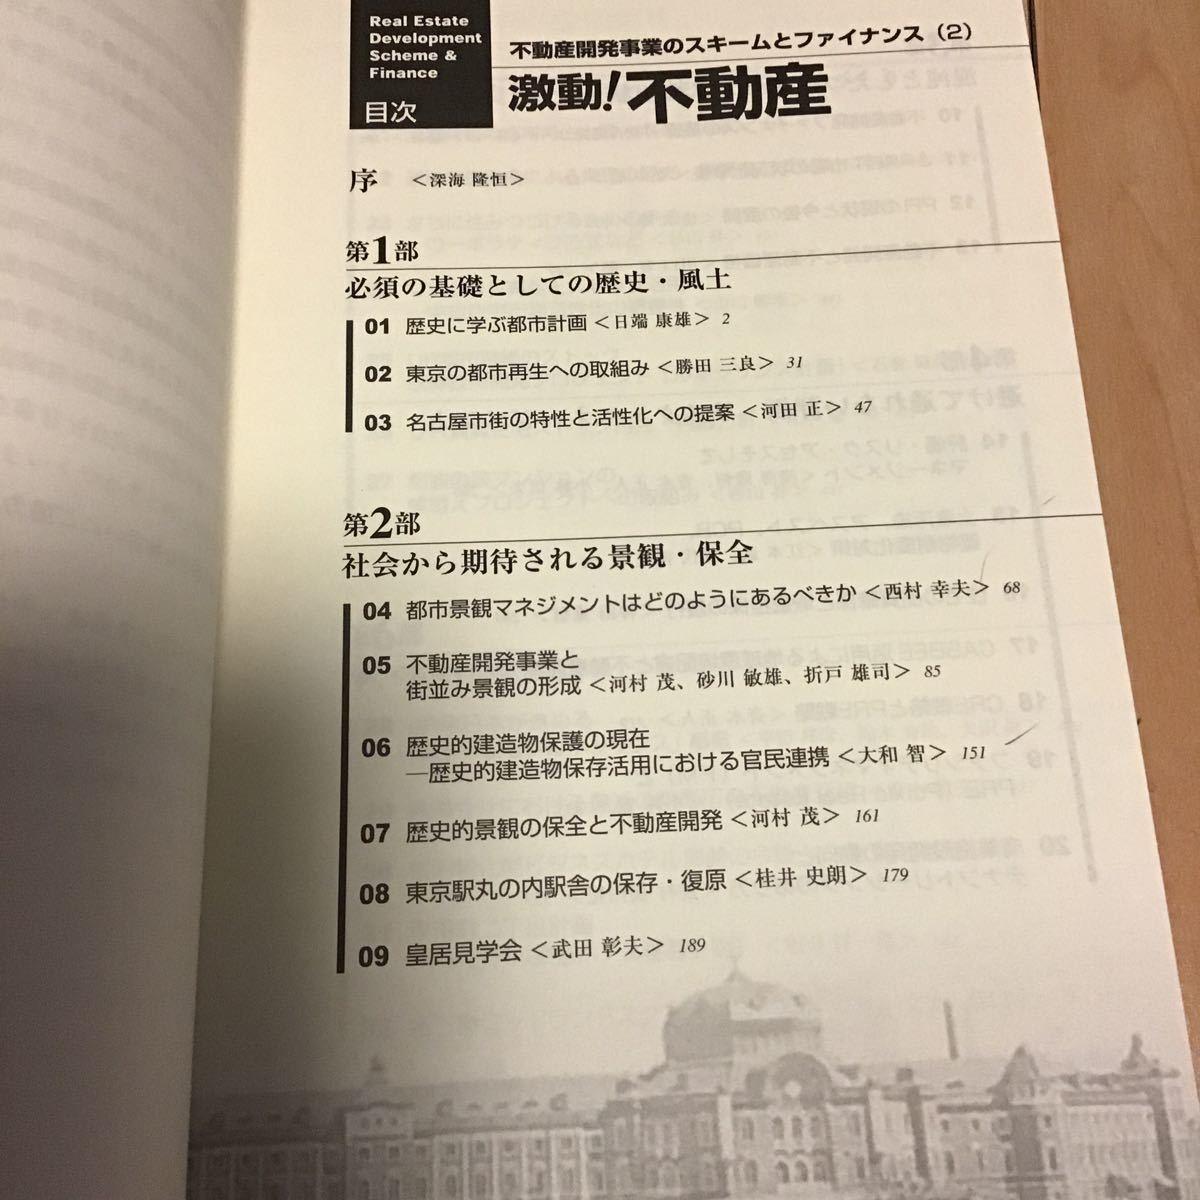 激動! 不動産 不動産開発事業のスキームとファイナンス(2) 清文社 2009年7月 初版発行_画像6